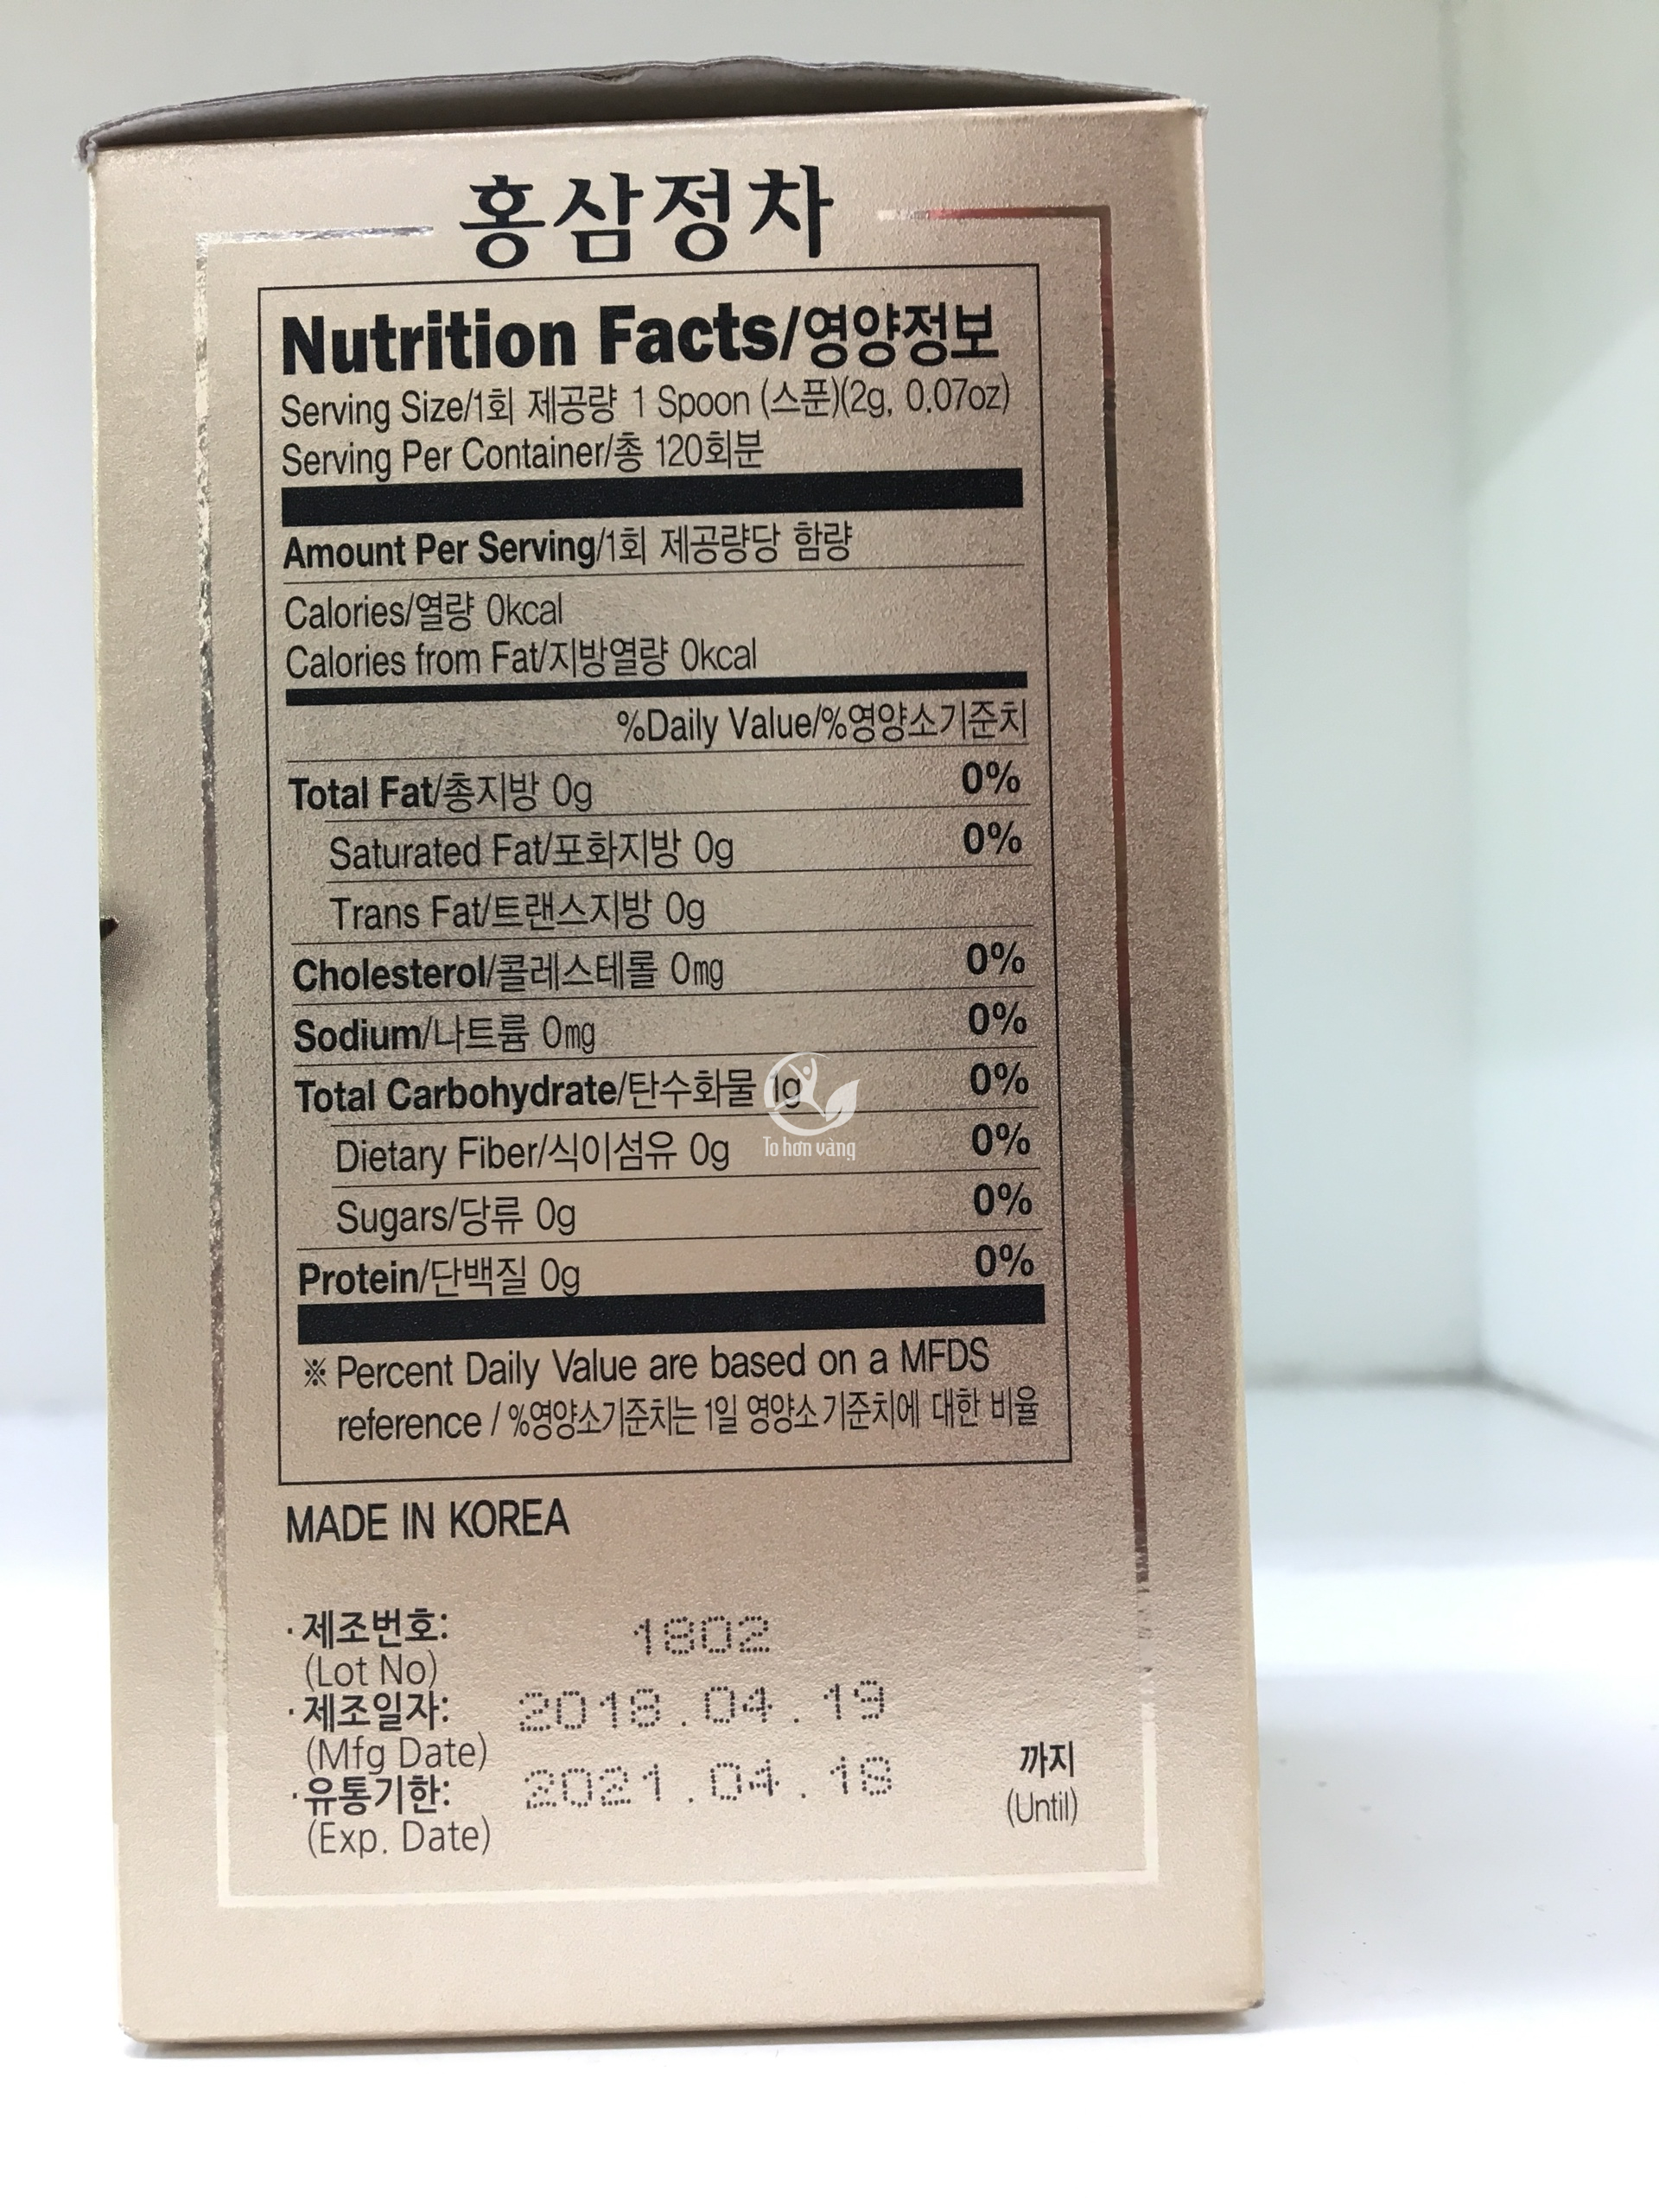 Thành phần dinh dưỡng của cao hồng sâm Bio được thể hiện trên mỗi hộp của sản phẩm